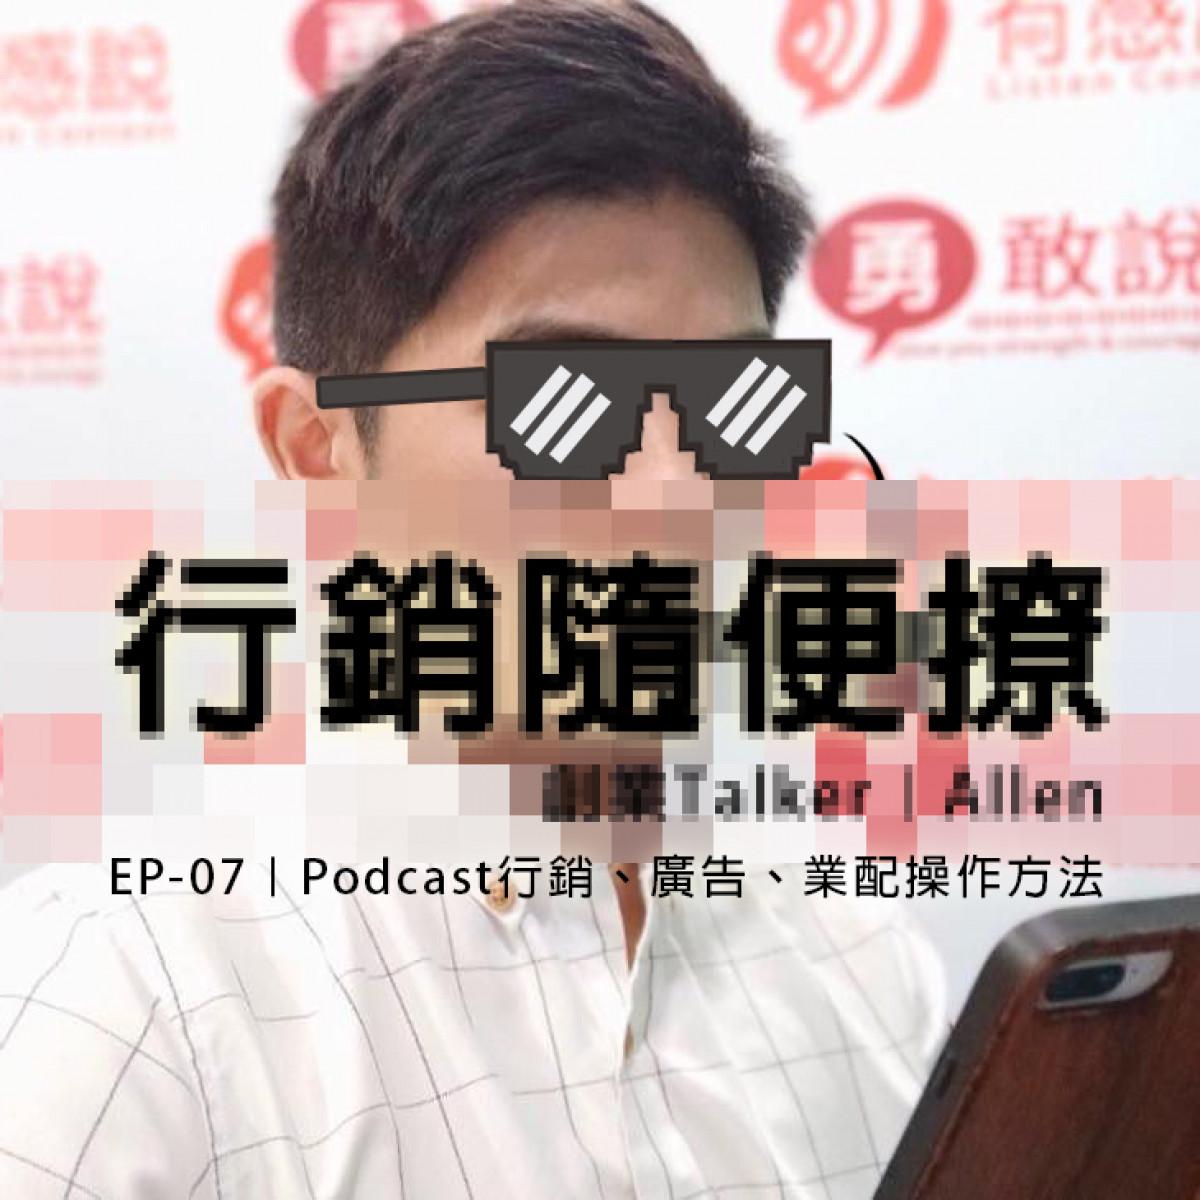 行銷隨便撩|EP07 Podcast行銷、廣告、業配操作切點